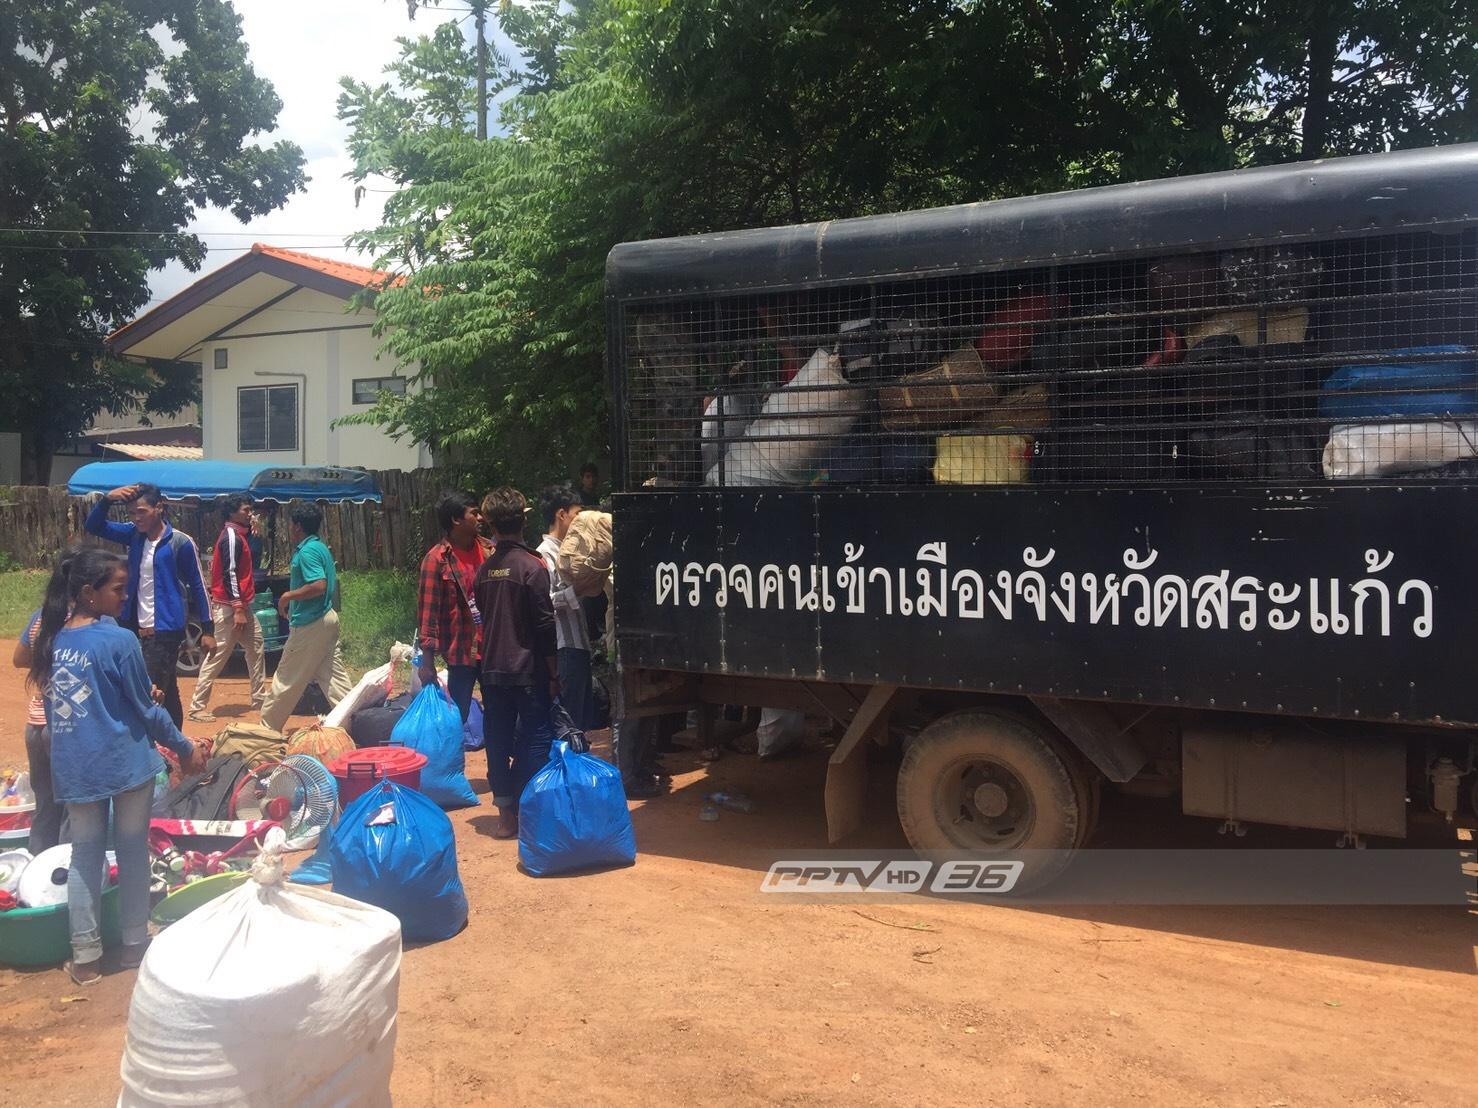 แรงงานกัมพูชา กลับประเทศแล้ว 3 พันคน หวั่น พ.ร.ก.ต่างด้าว